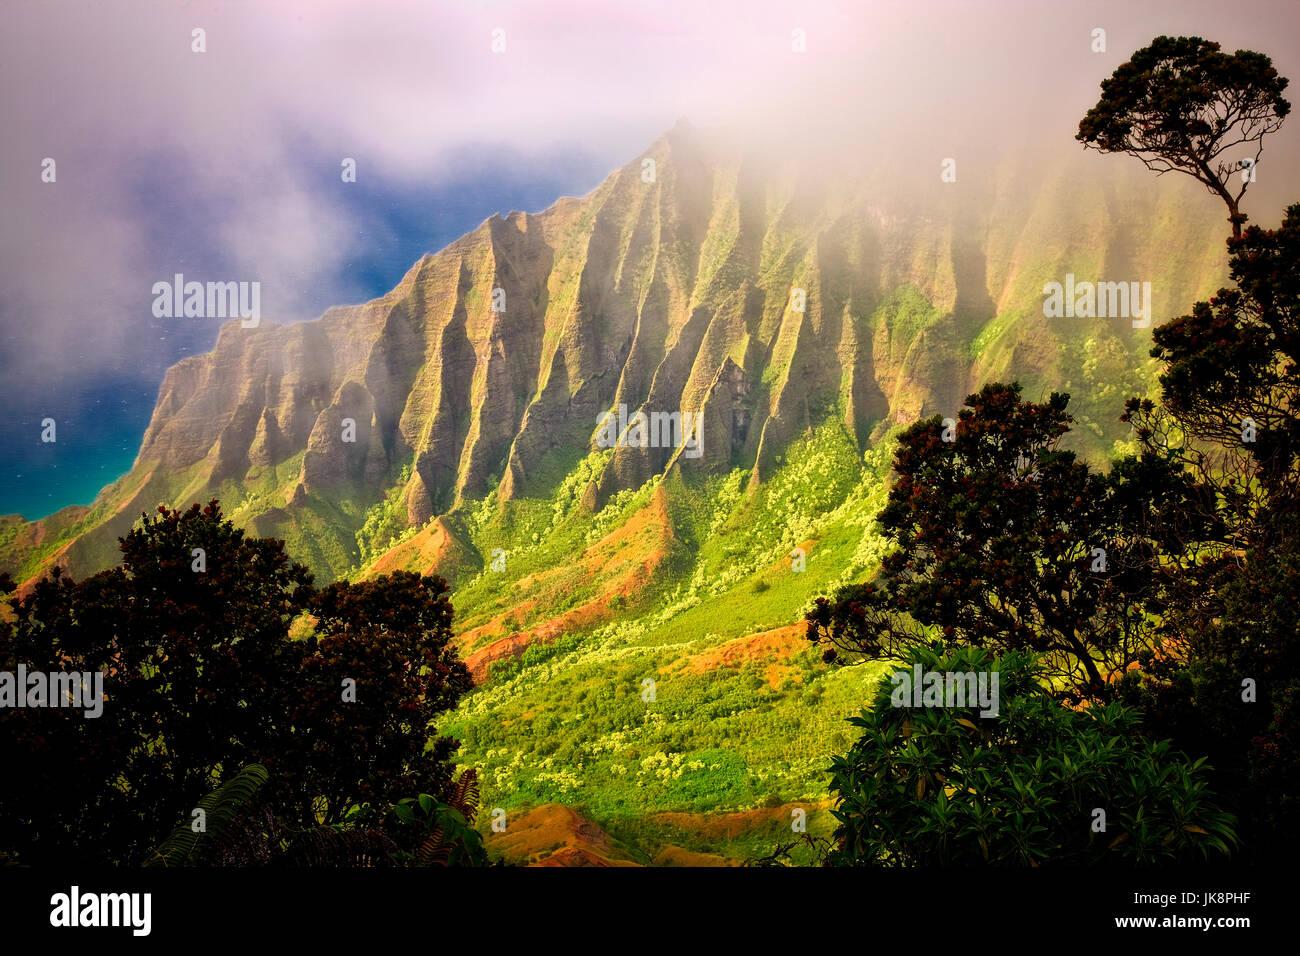 Kalalau Valley with fog. Koke'e State Park. Waimea Canyon. Kauai, Hawaii - Stock Image